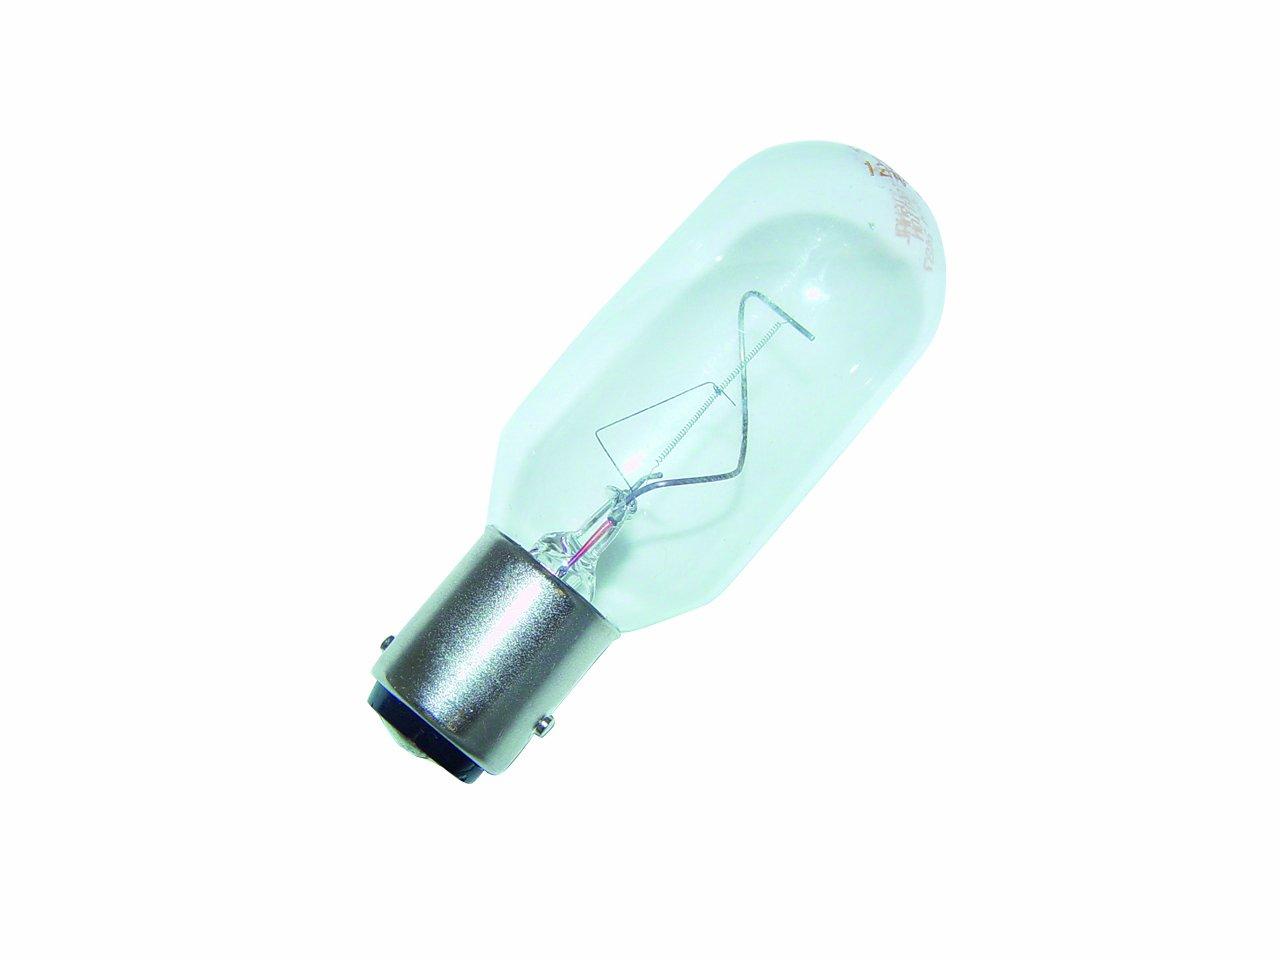 Aqua Signal 24V 25W 15D Bayonet Navigation Light Bulb